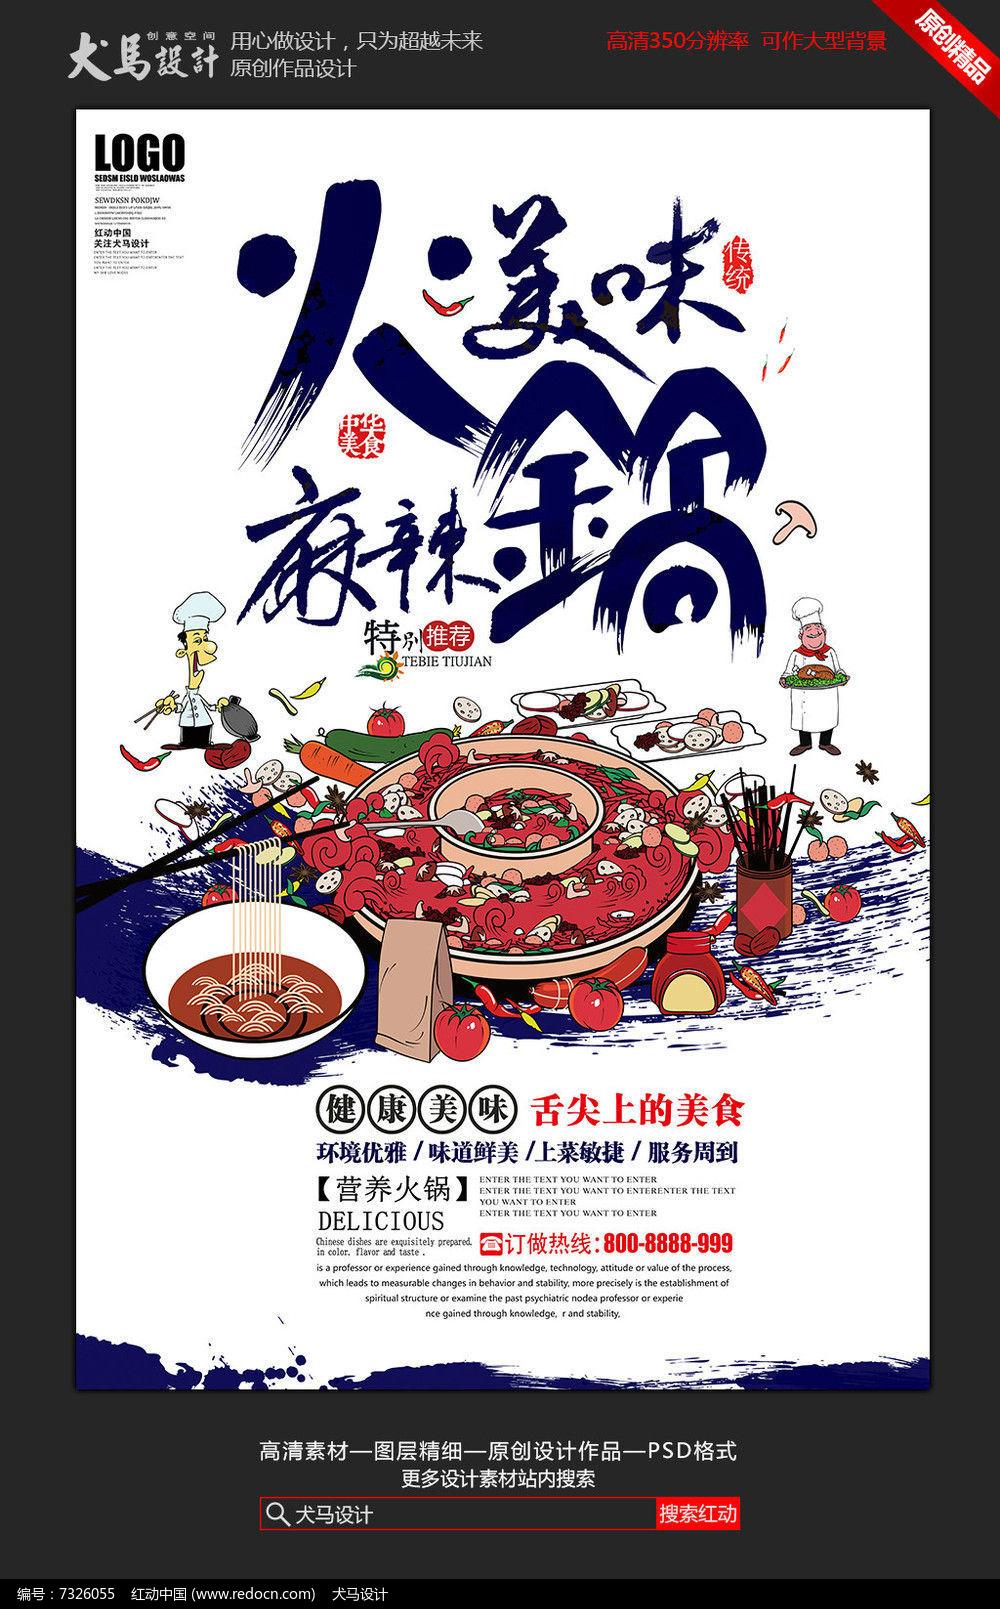 创意麻辣美味火锅海报图片